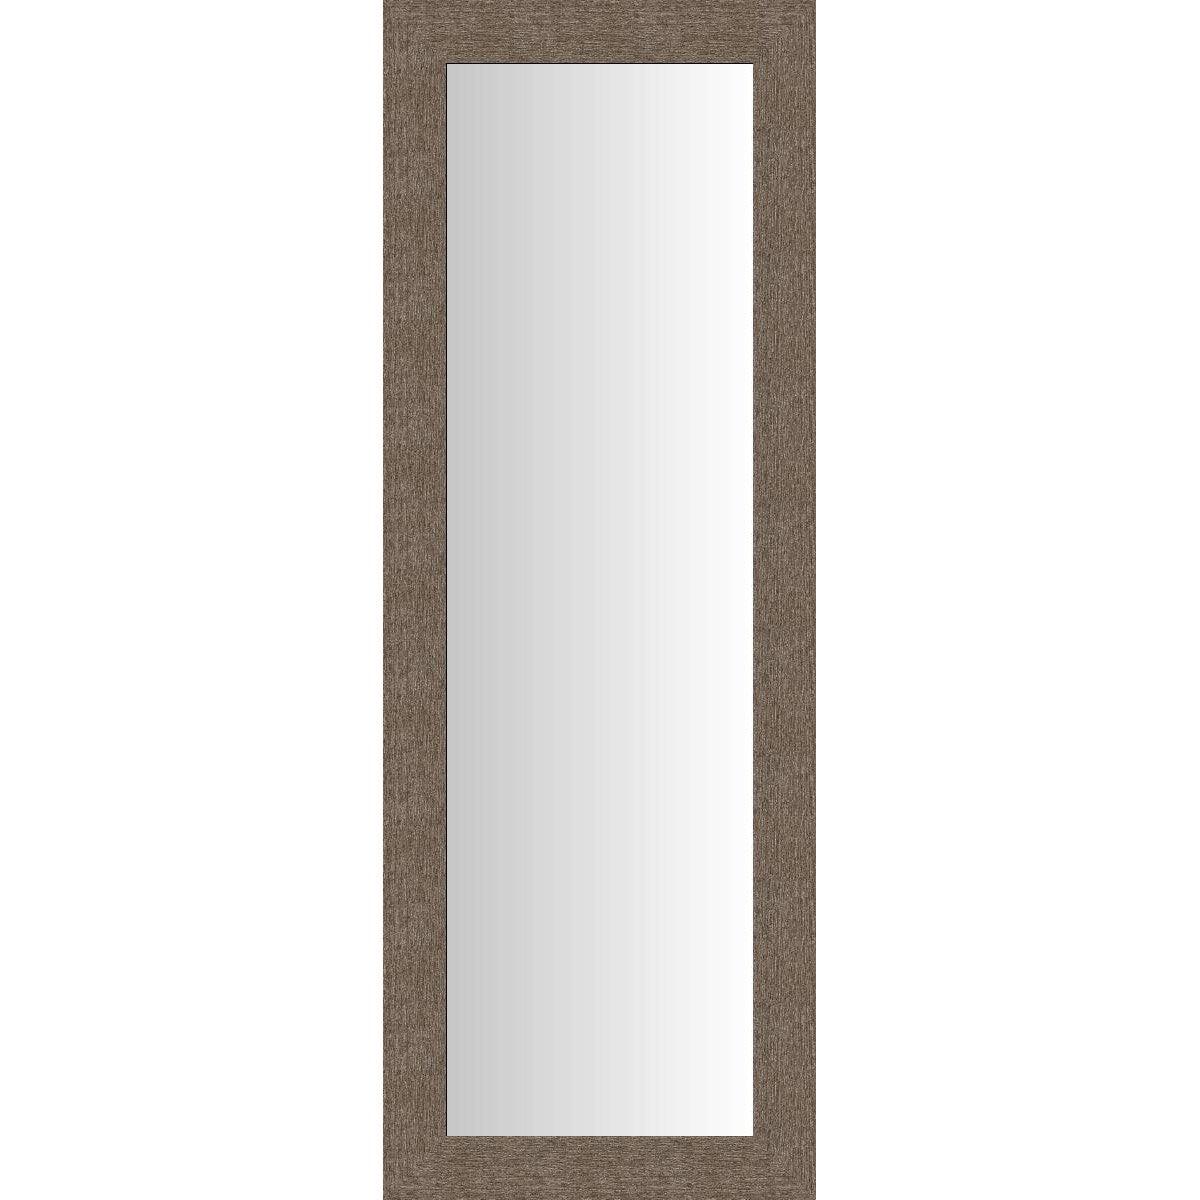 Miroir dublin brun 40x140 cm leroy merlin - Miroir grossissant lumineux leroy merlin ...